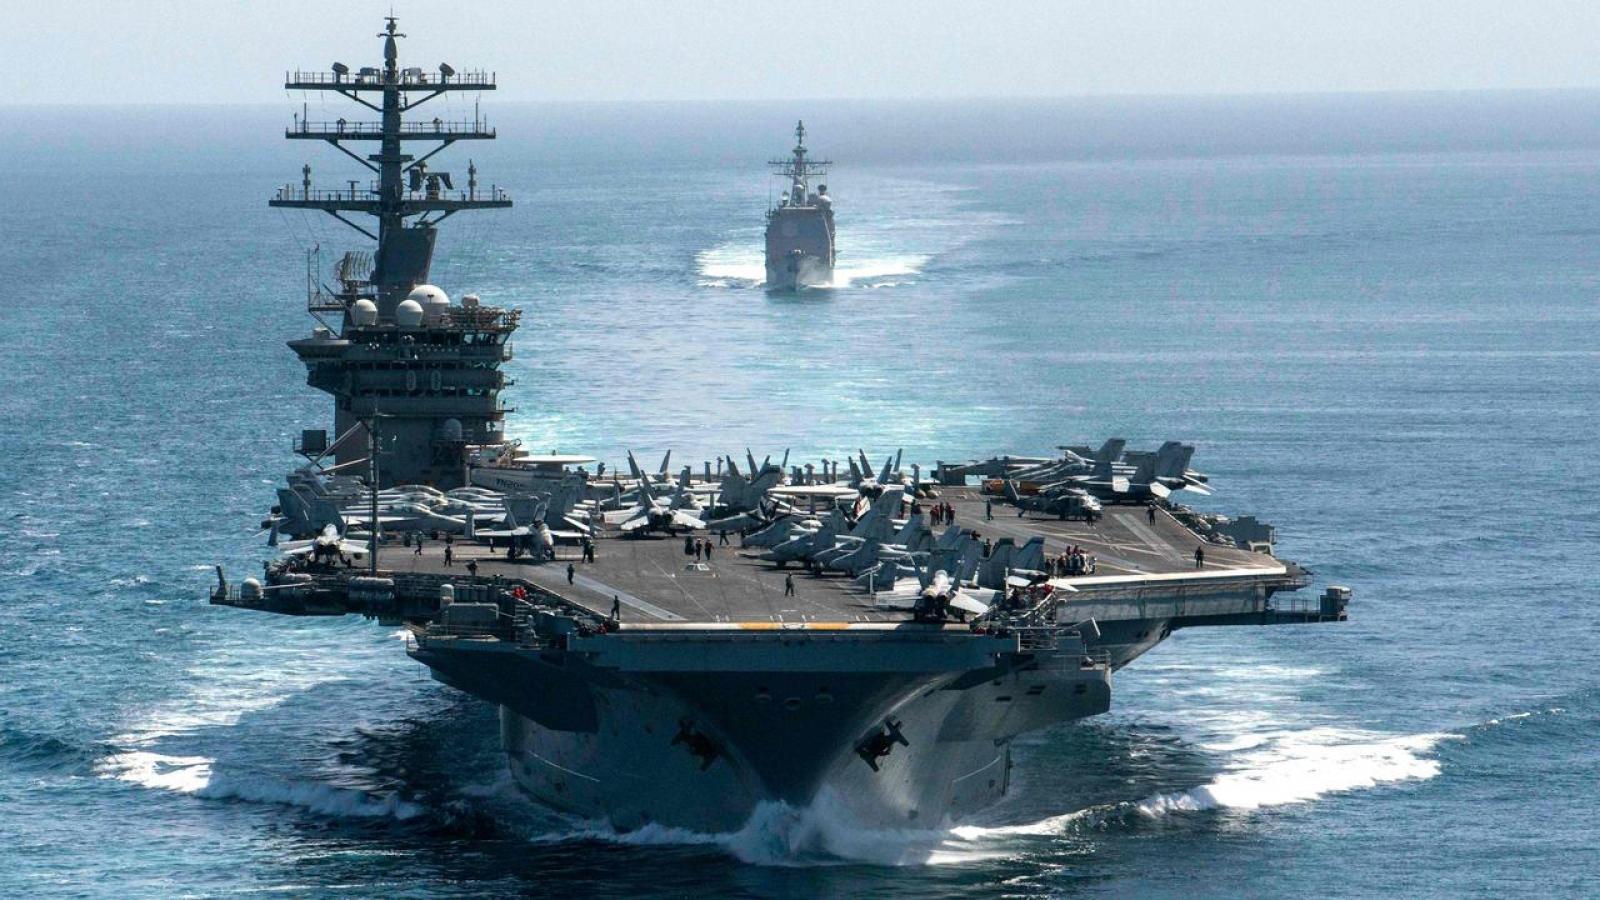 Mỹ tái lập Hạm đội 1, tăng cường hiện diện hải quân tại Ấn Độ-Thái Bình Dương